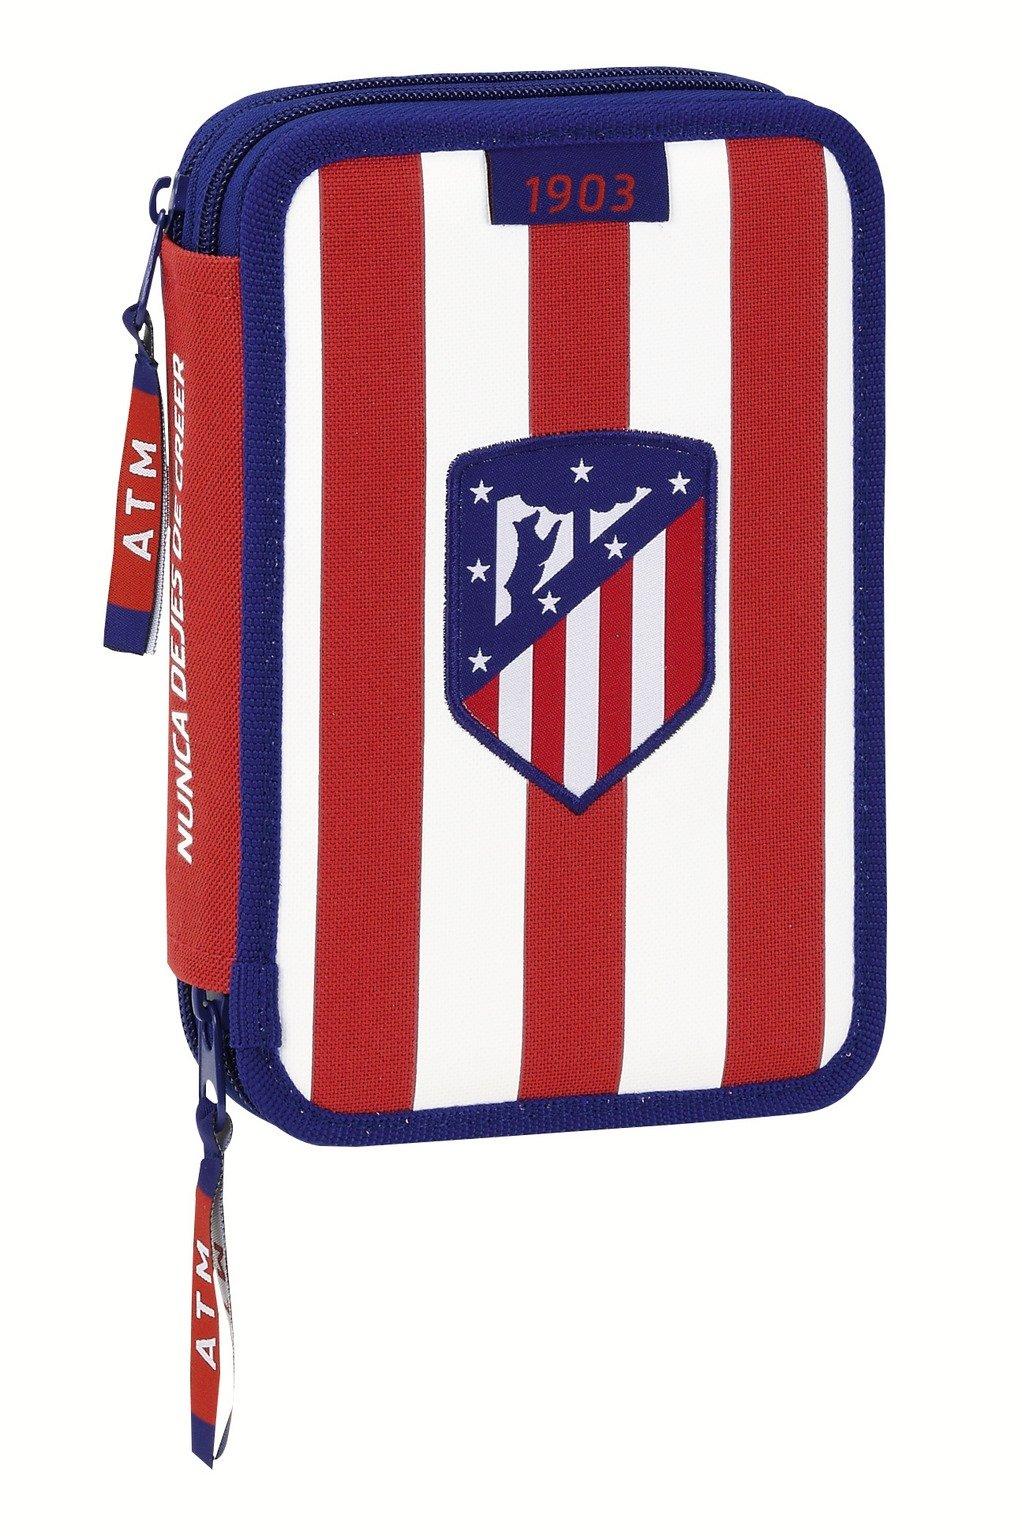 Atletico de Madrid- Plumier Doble pequeño 34 Piezas (SAFTA 411758054), Color Blanco y Rojo, 20 cm (